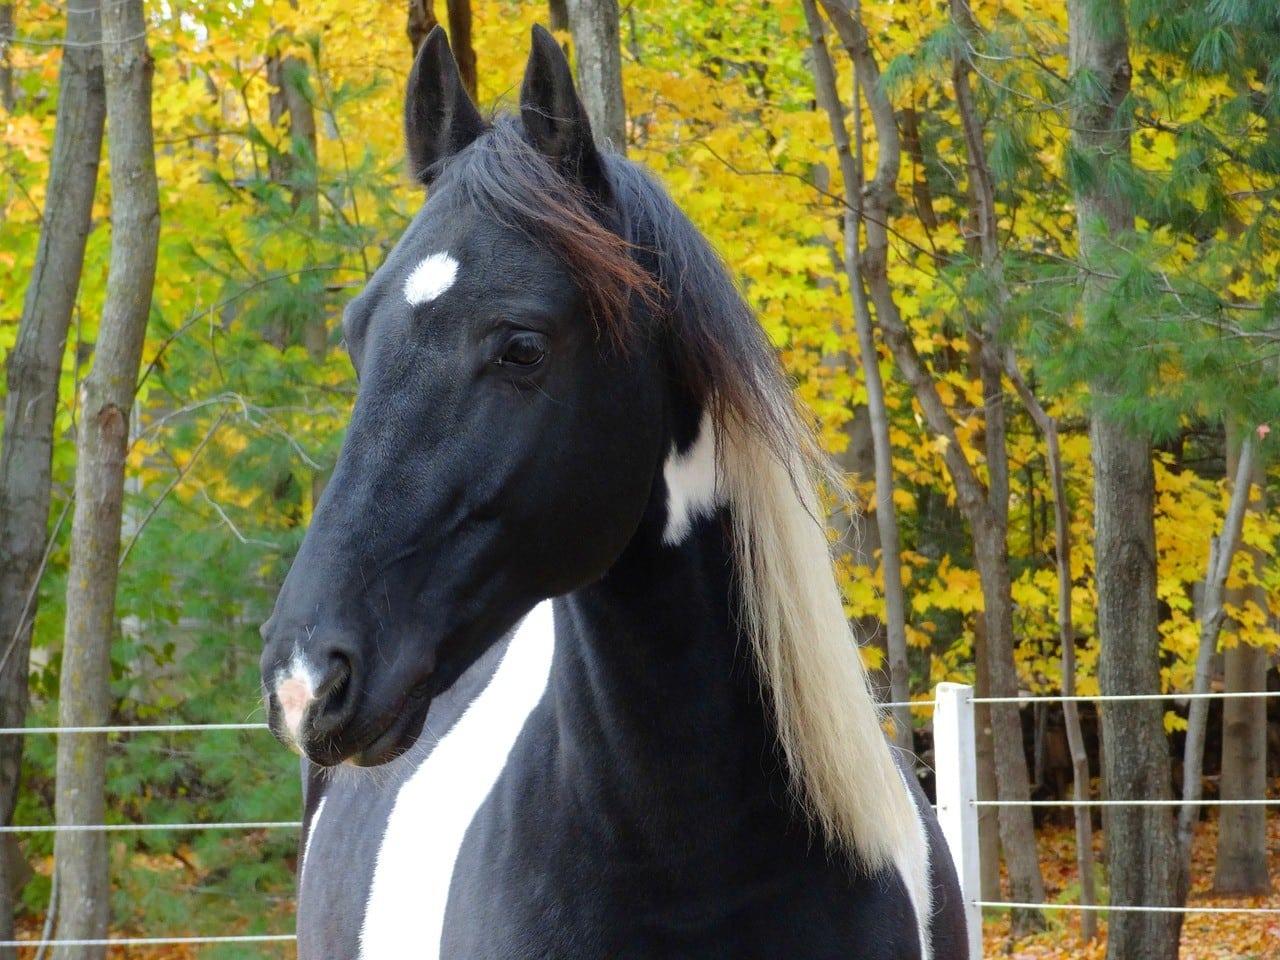 a Friesian Horse